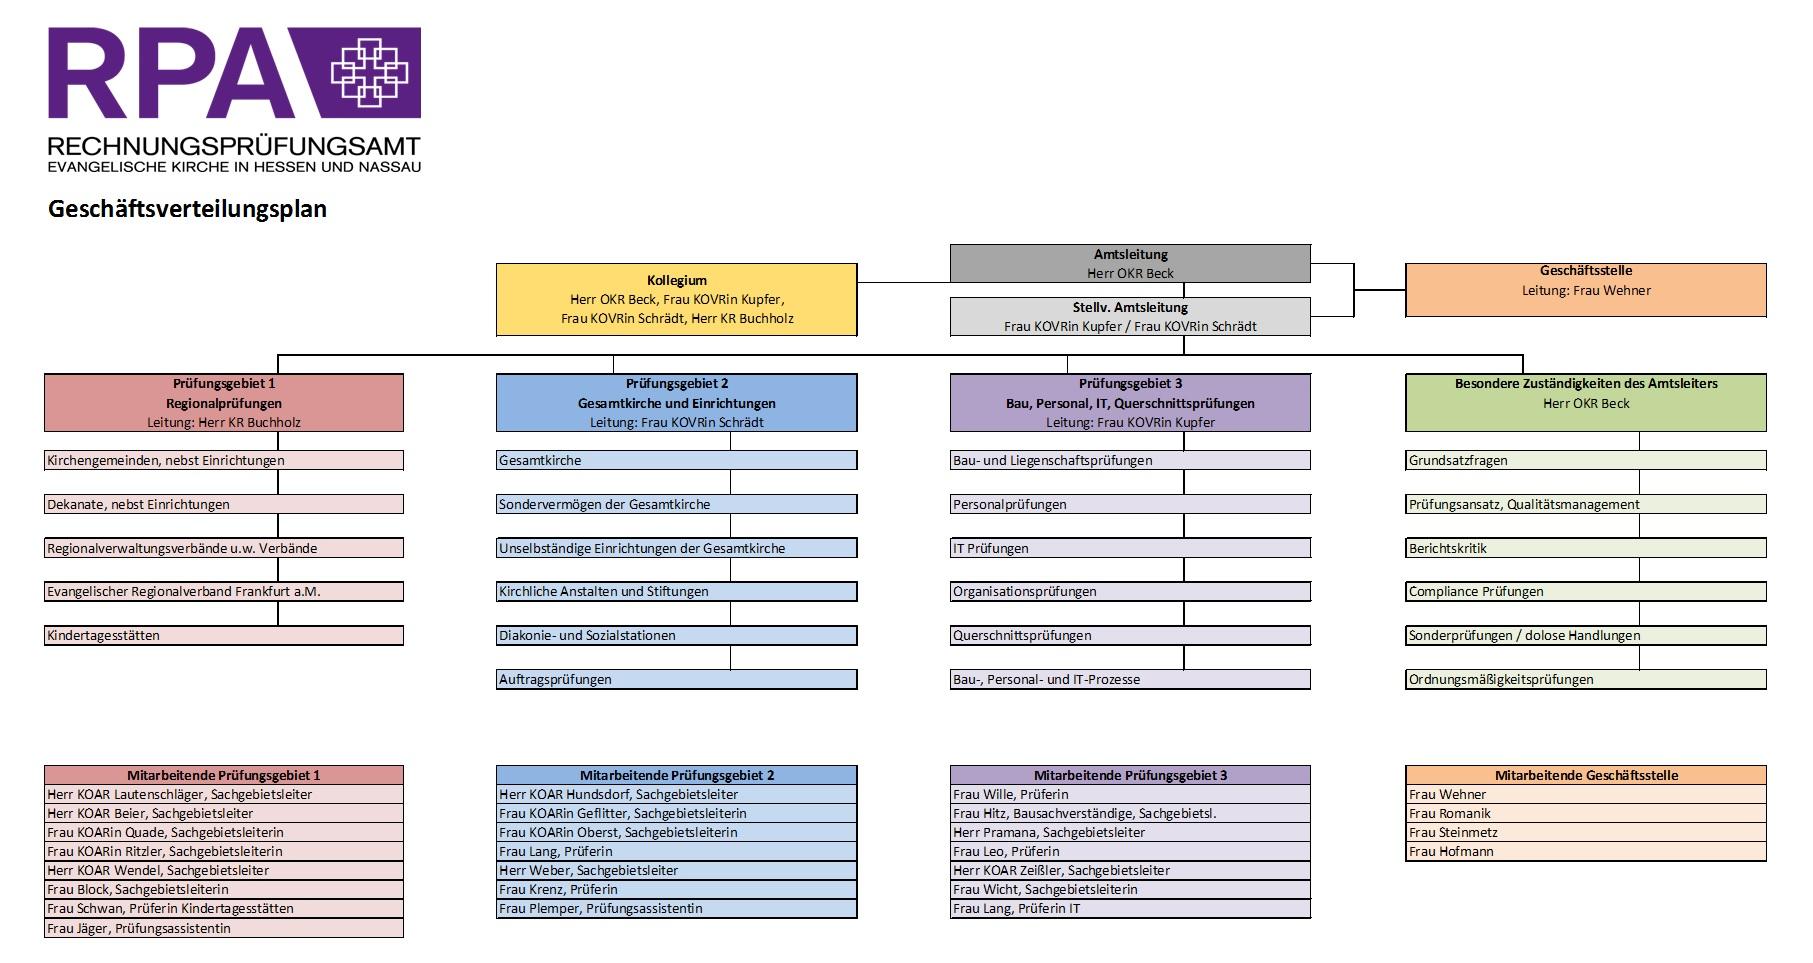 Organigramm - RPA